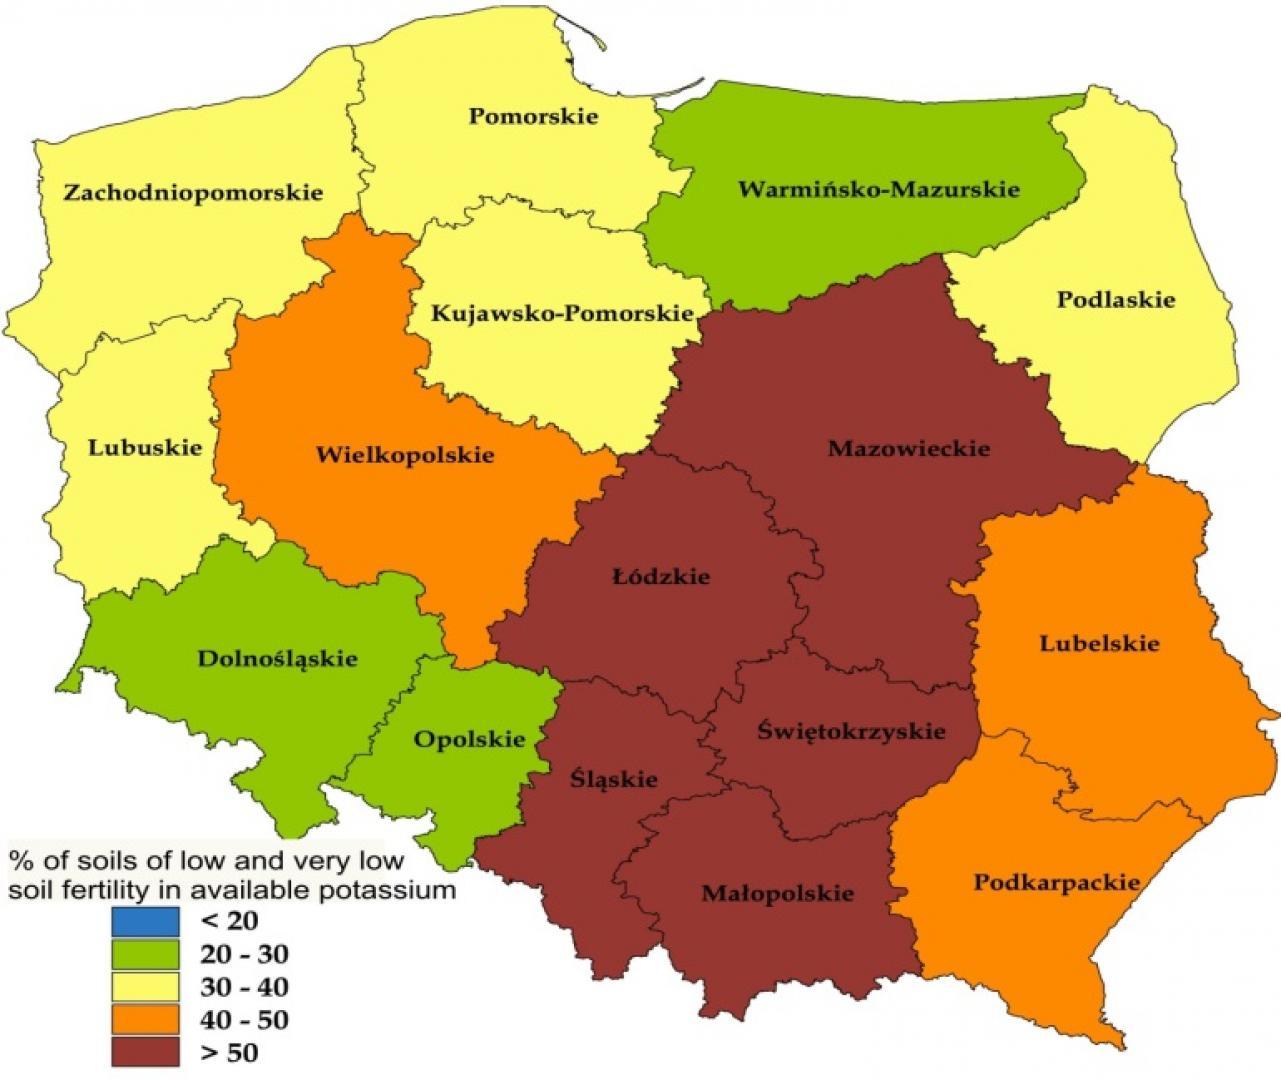 Nederlandse ambassade in Polen start project voor bodemverbetering met Nederlandse organische meststoffen